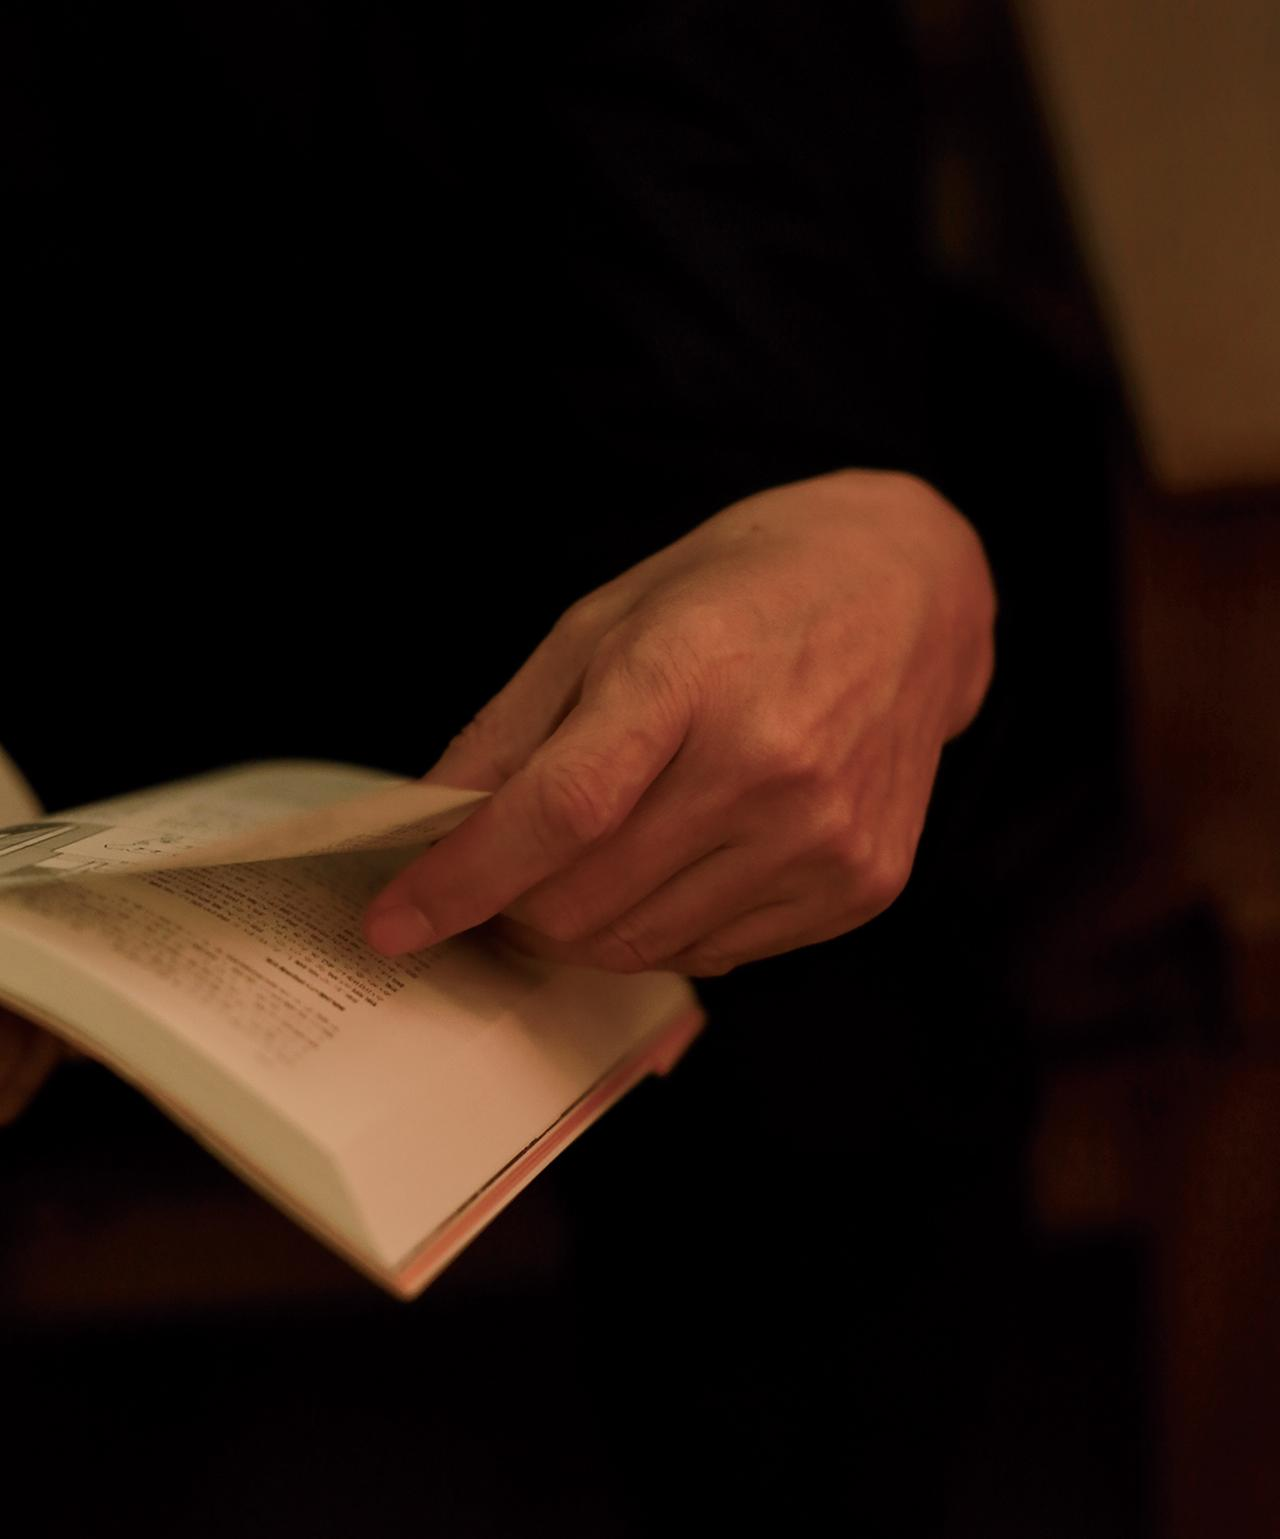 Images : 4番目の画像 - 「坂本龍一、本の可能性を語る。 「本はパフォーマンスかもしれない」」のアルバム - T JAPAN:The New York Times Style Magazine 公式サイト